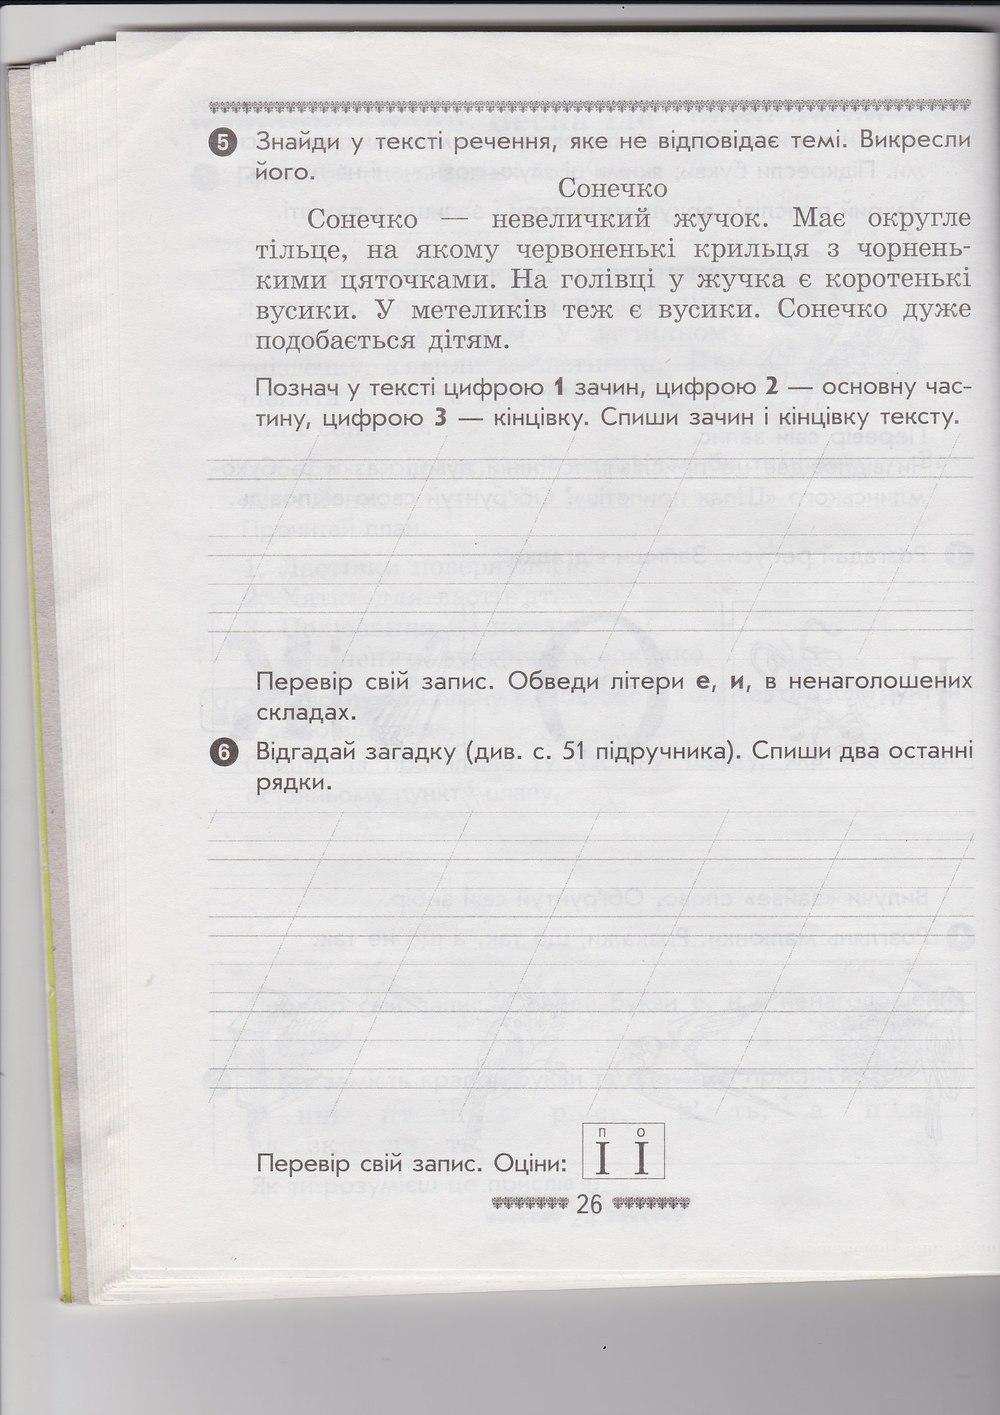 ГДЗ відповіді робочий зошит по рiдна/укр. мова 2 класс Кобзар О. Г.. Задание: стр. 26